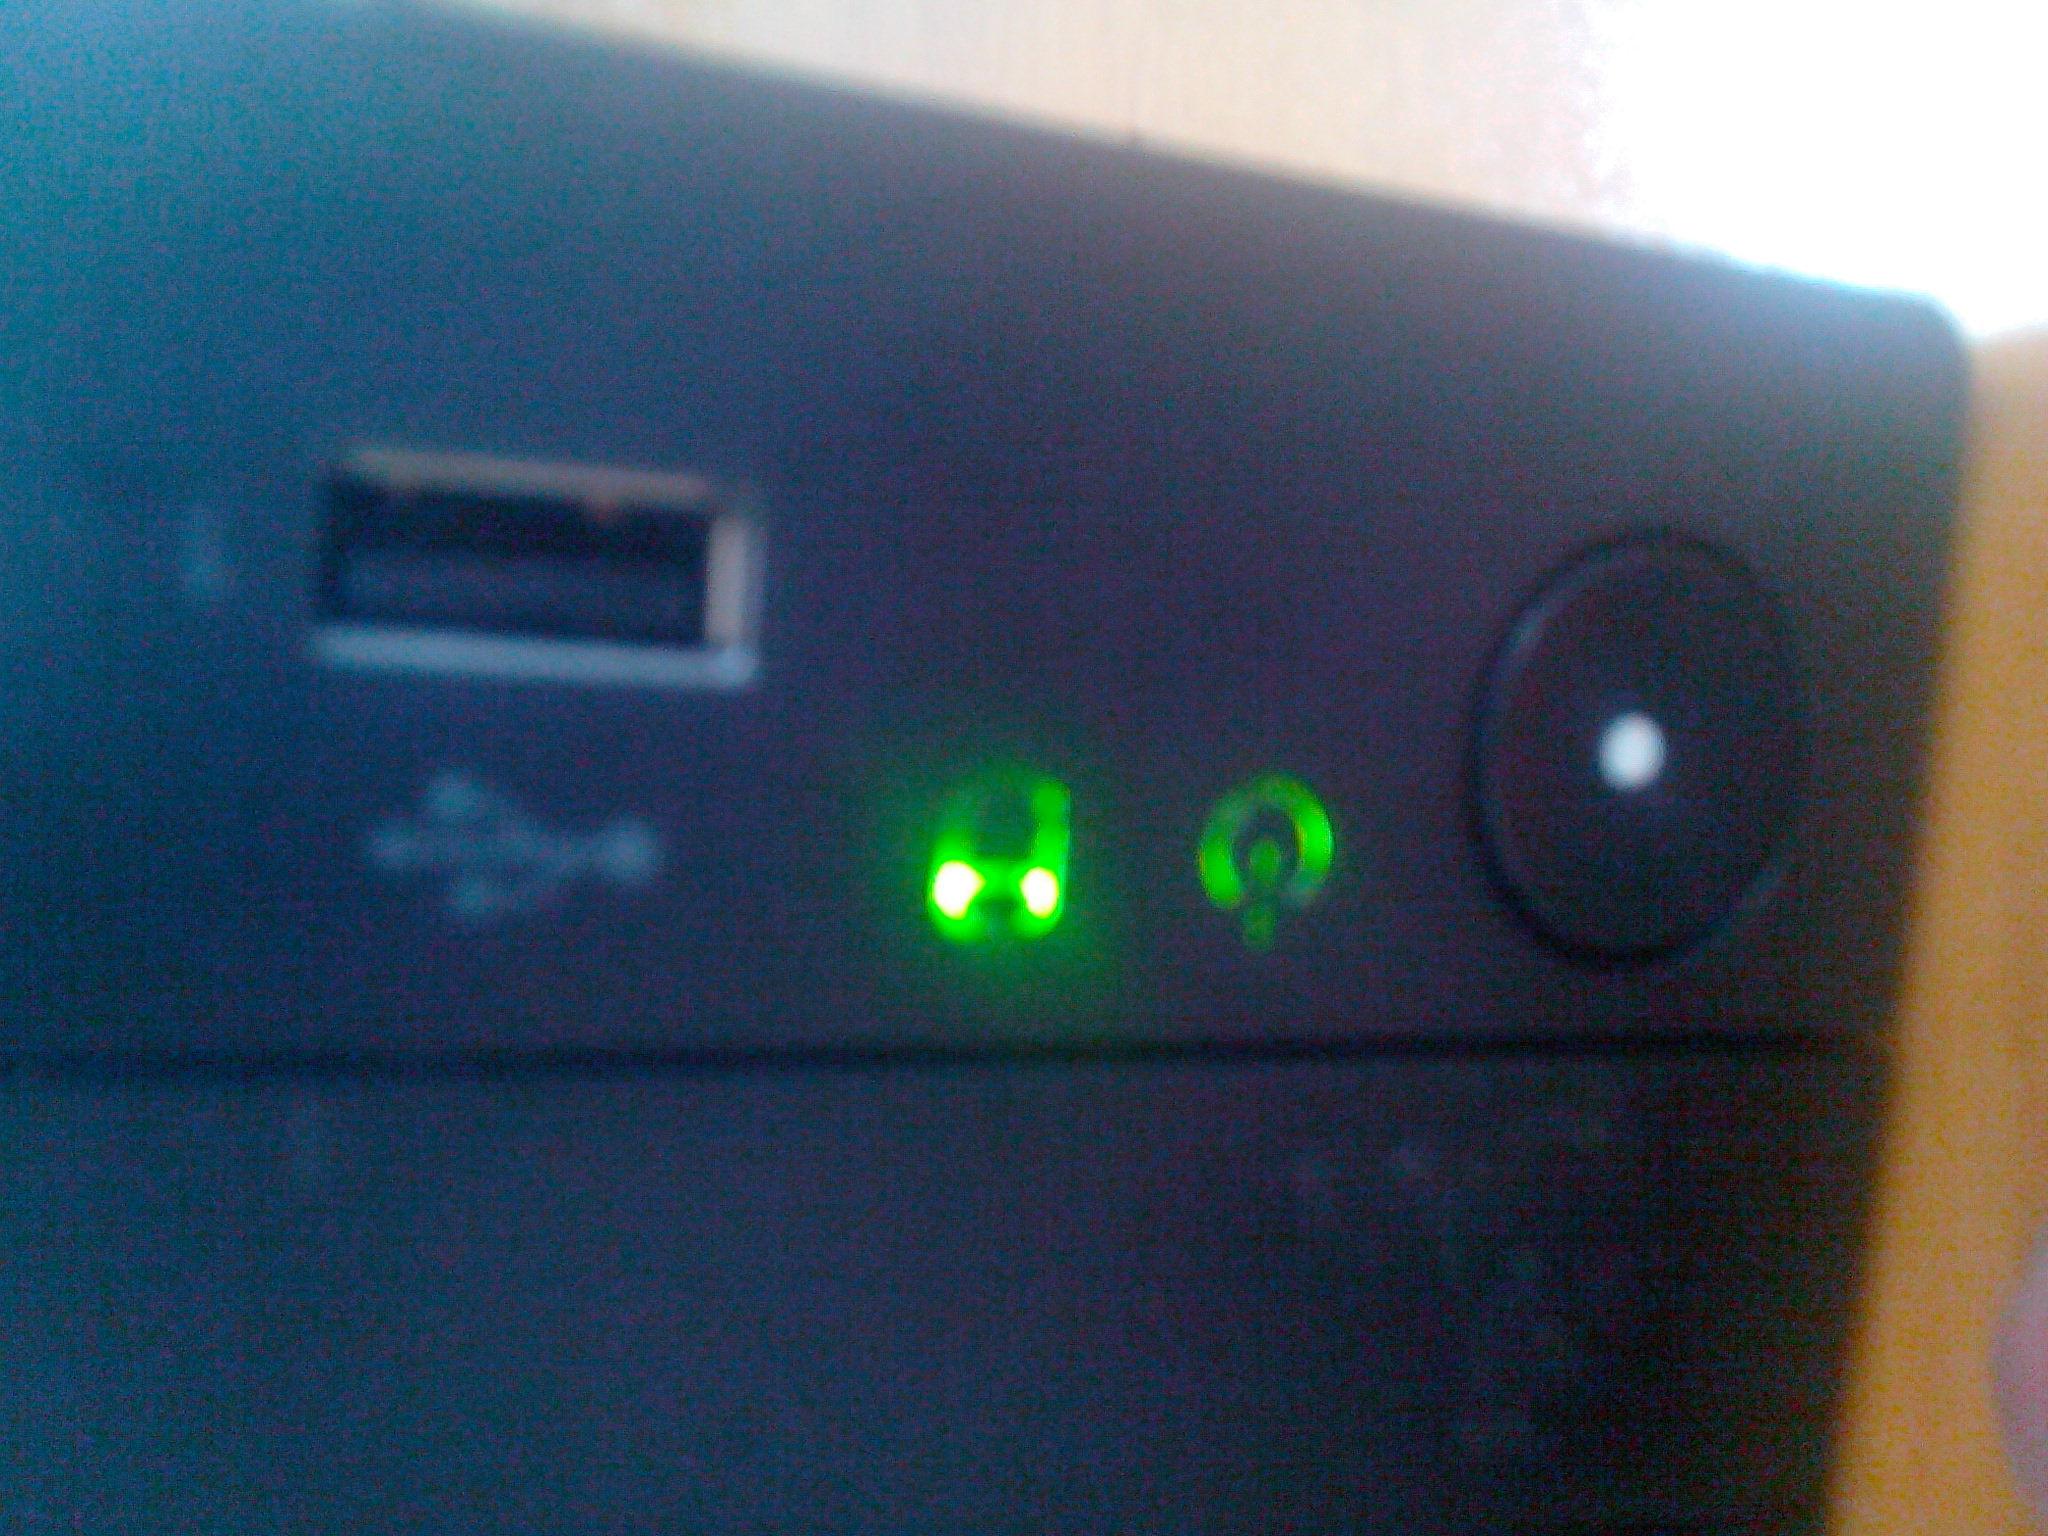 类似联想_联想电脑小主机箱电源指示灯旁边的圆柱形指示灯是什么意思 为什么它